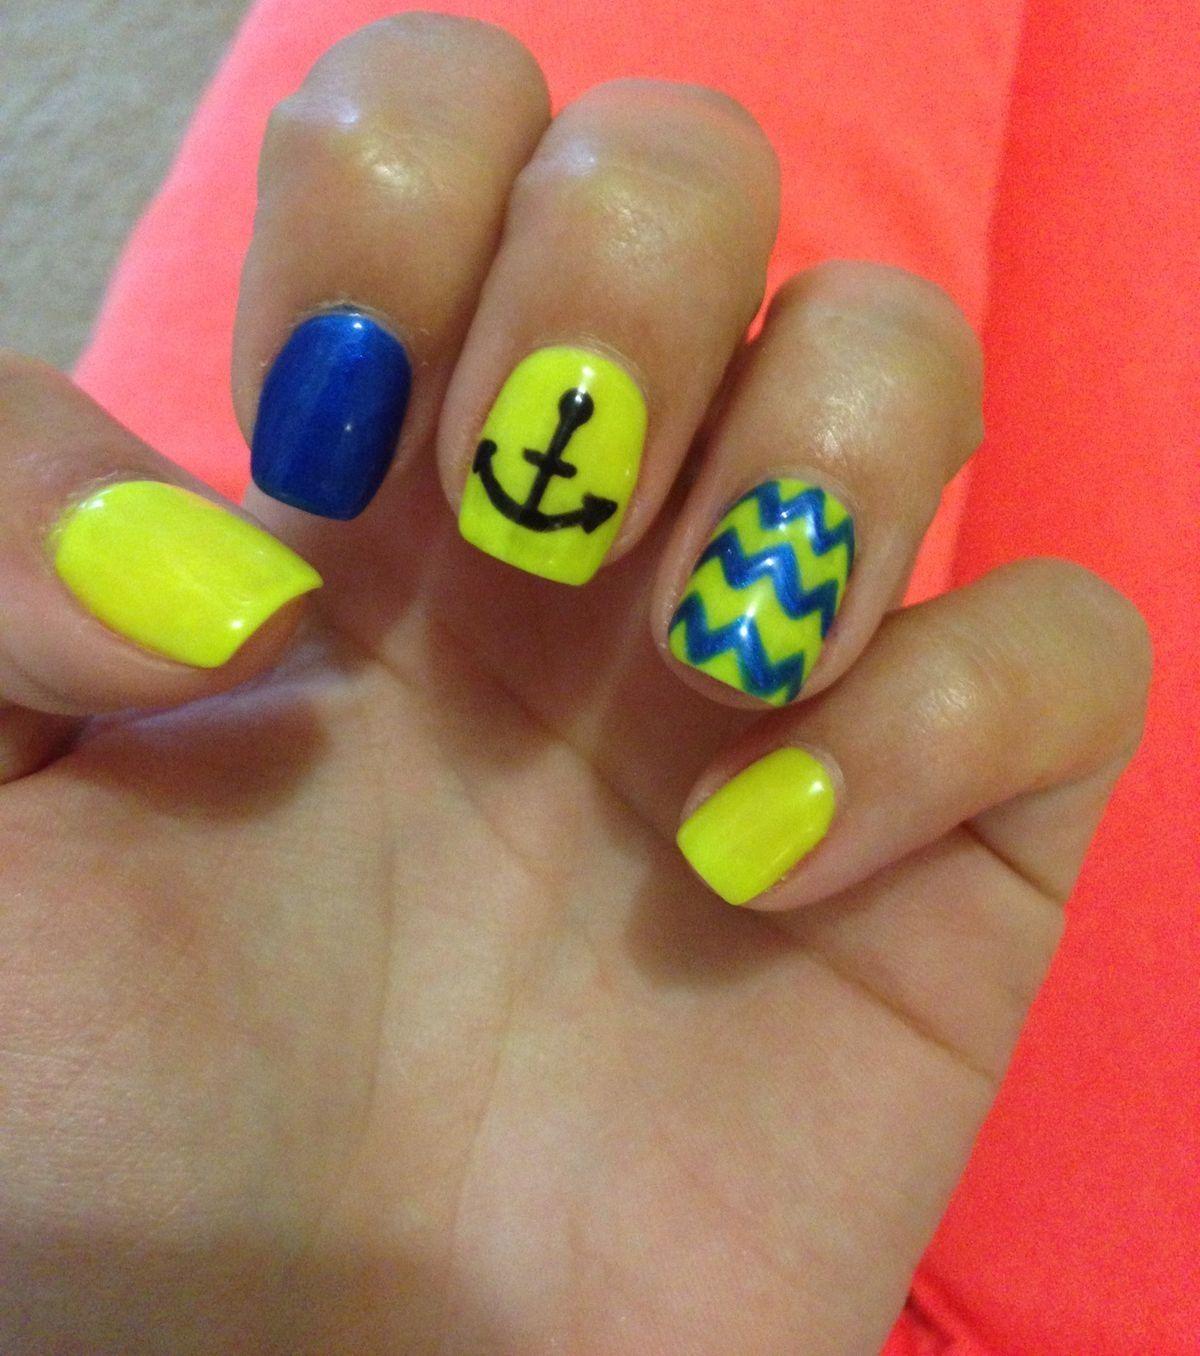 Blue and Yellow Anchor Nails   nails   Pinterest   Anchor nails ...